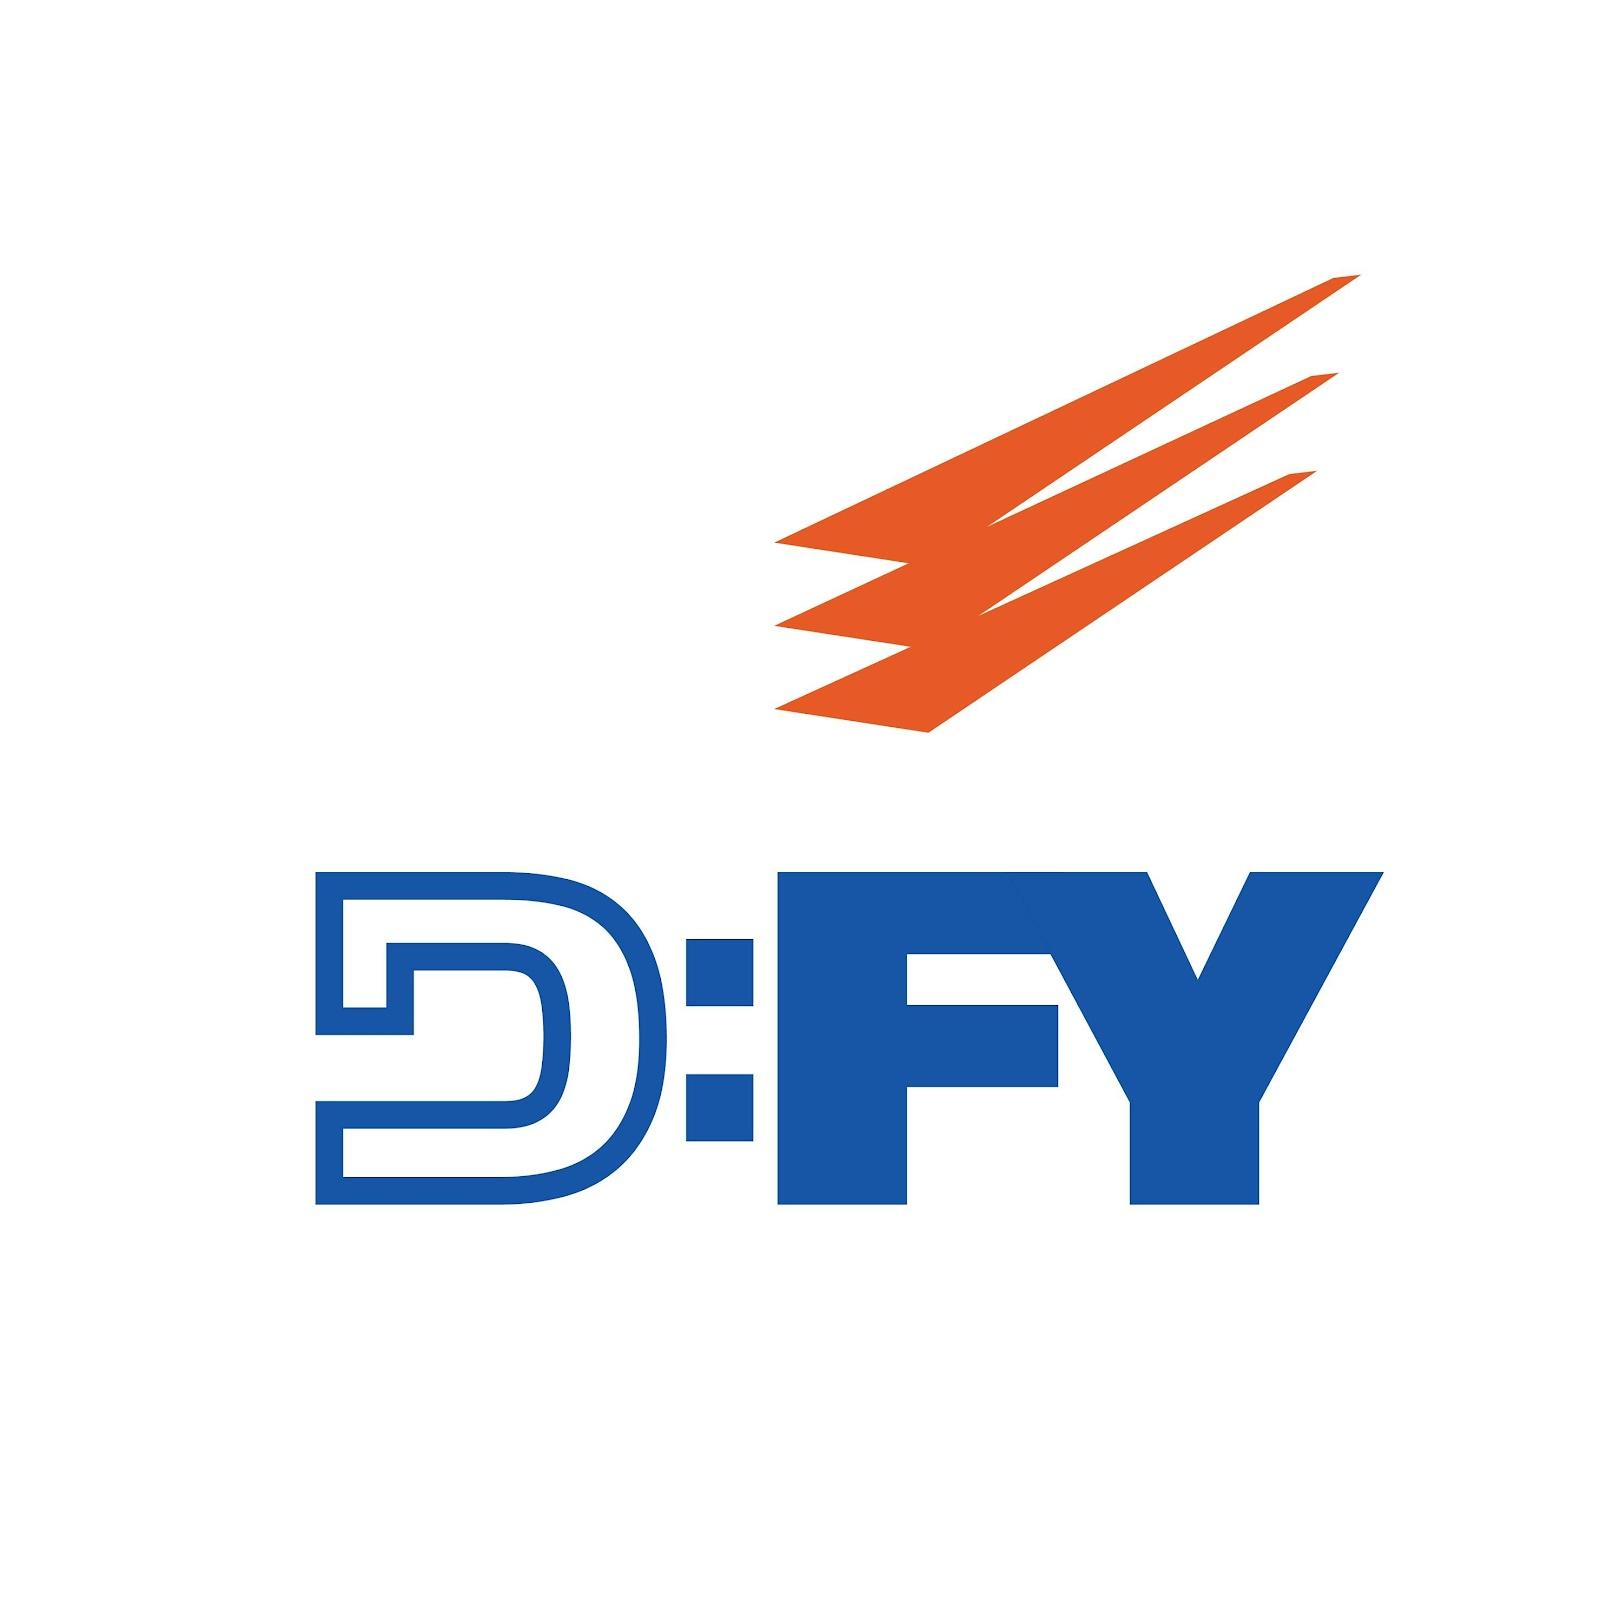 C:\Users\Kirk_D\Desktop\DFY Lightening Comnposite Logo.jpg